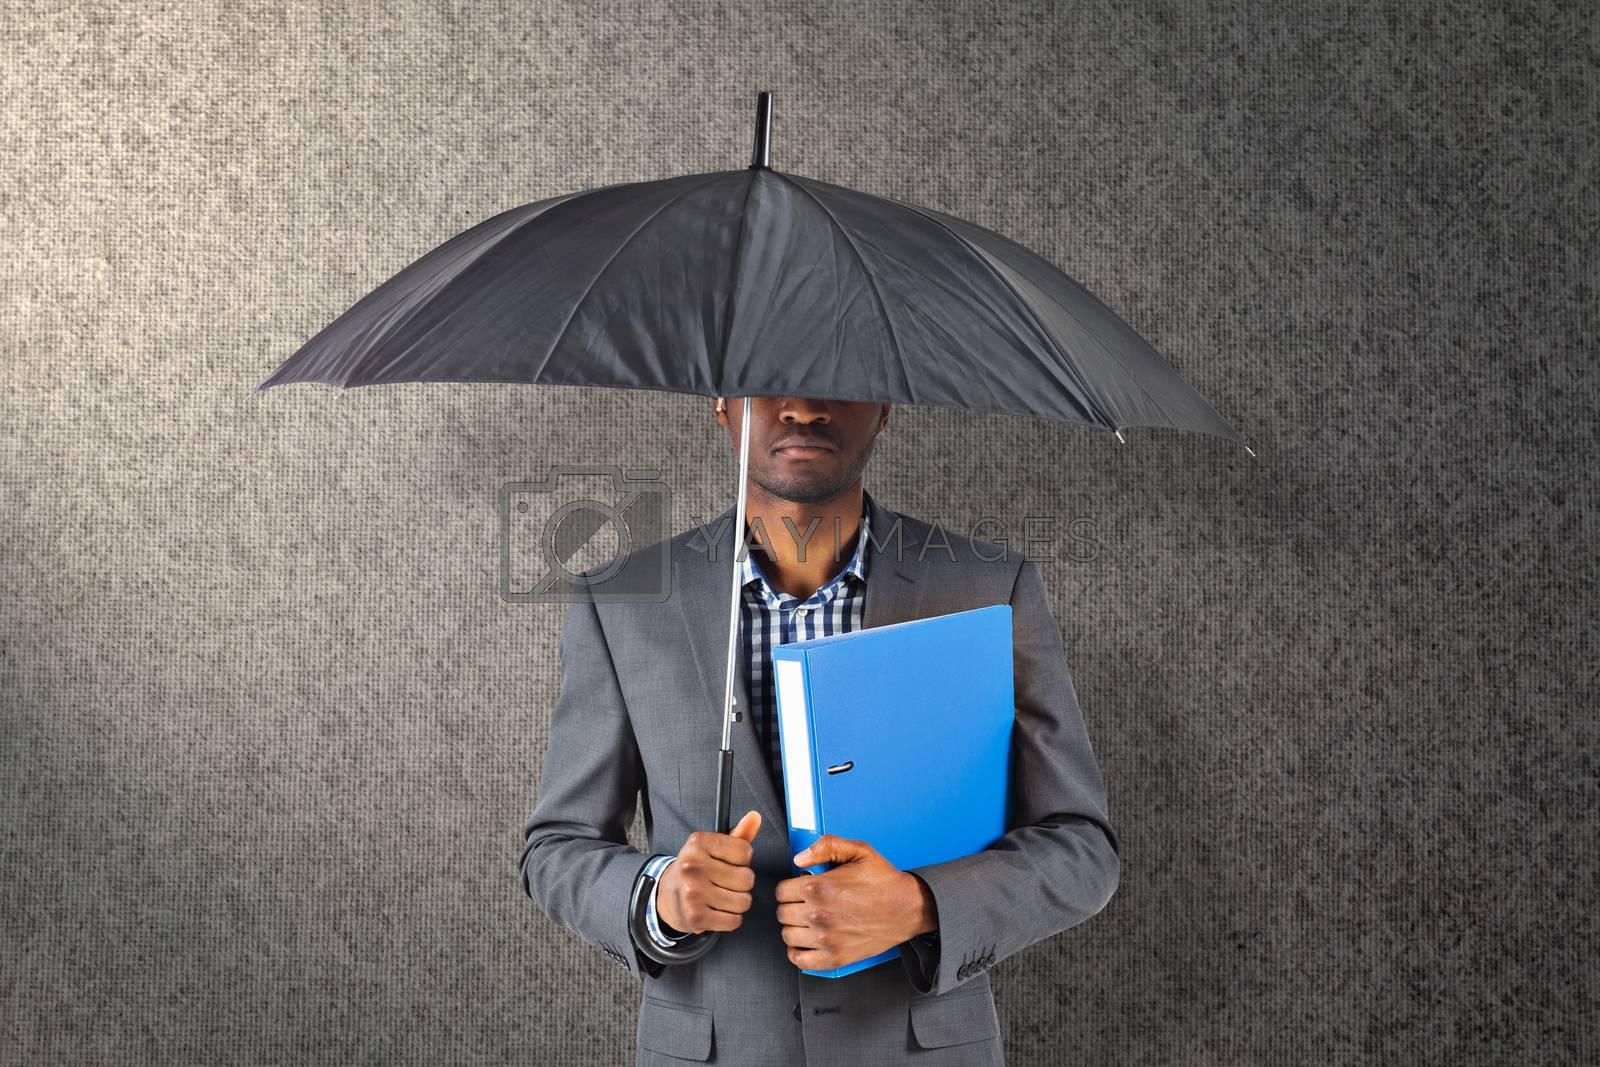 Businessman standing under umbrella against grey background